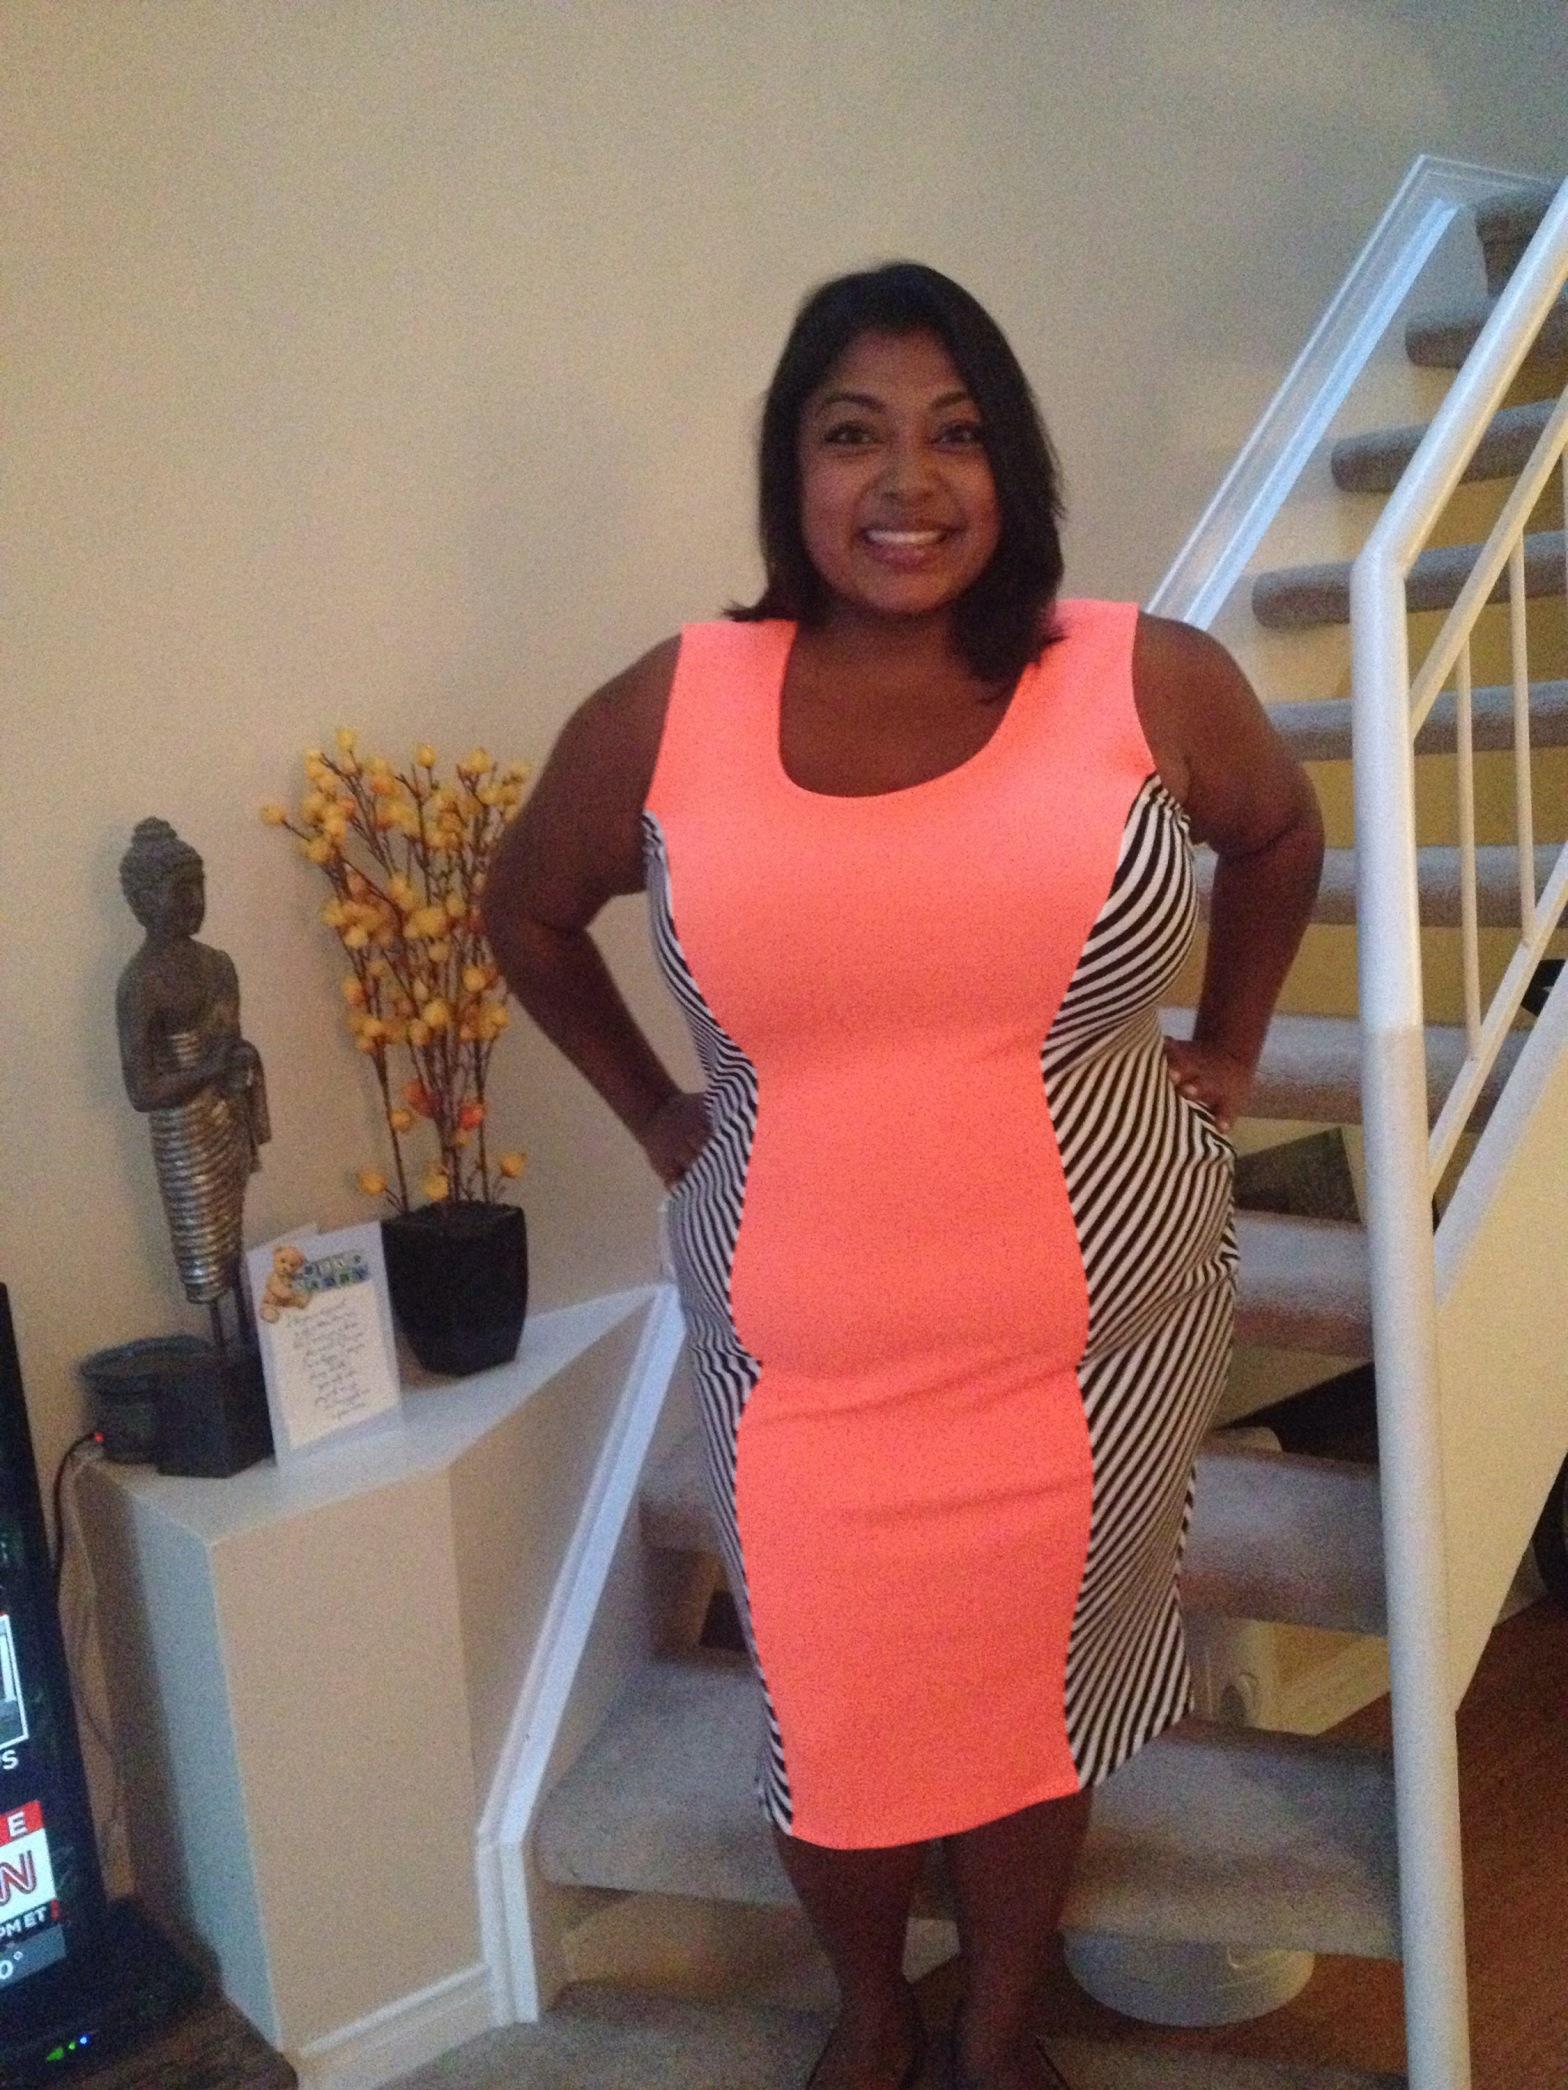 PPMeow! In orange neon zebra stripes